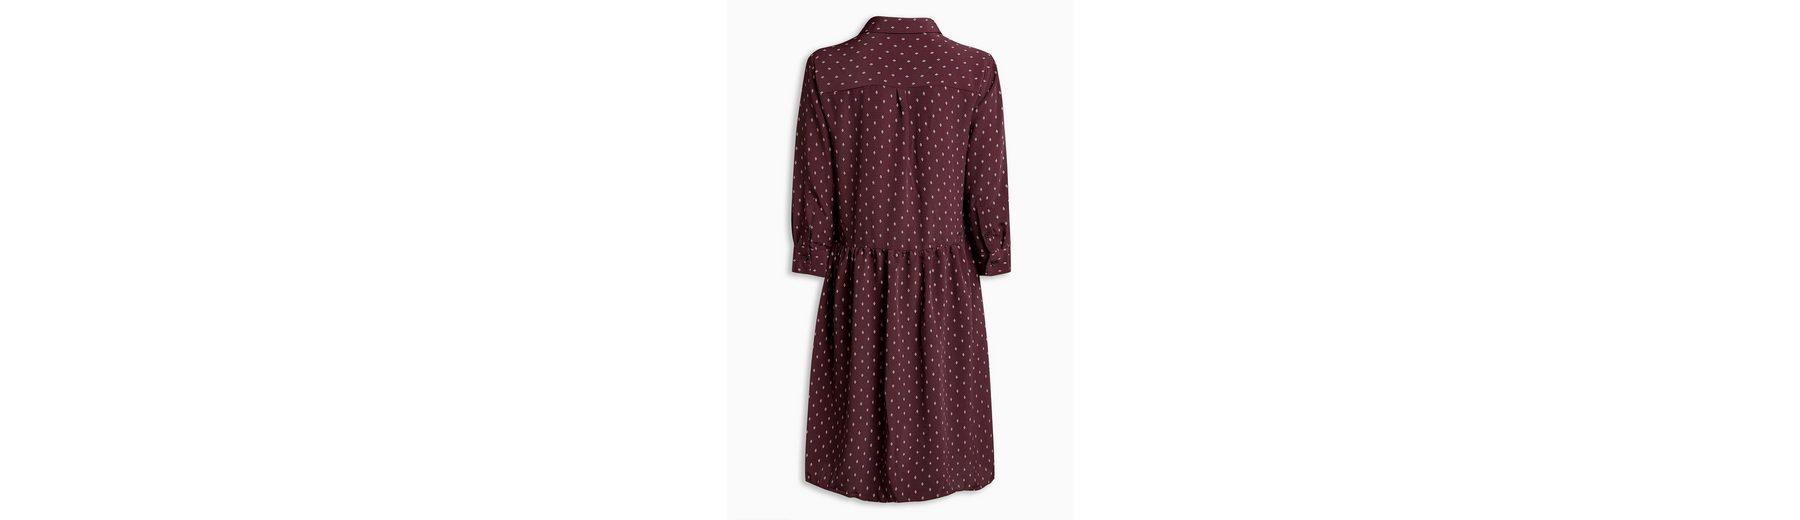 Next Kleid mit tiefer Taille Empfehlen Günstig Online Mode-Stil Online-Verkauf Ausgezeichnete Online-Verkauf my9PQna